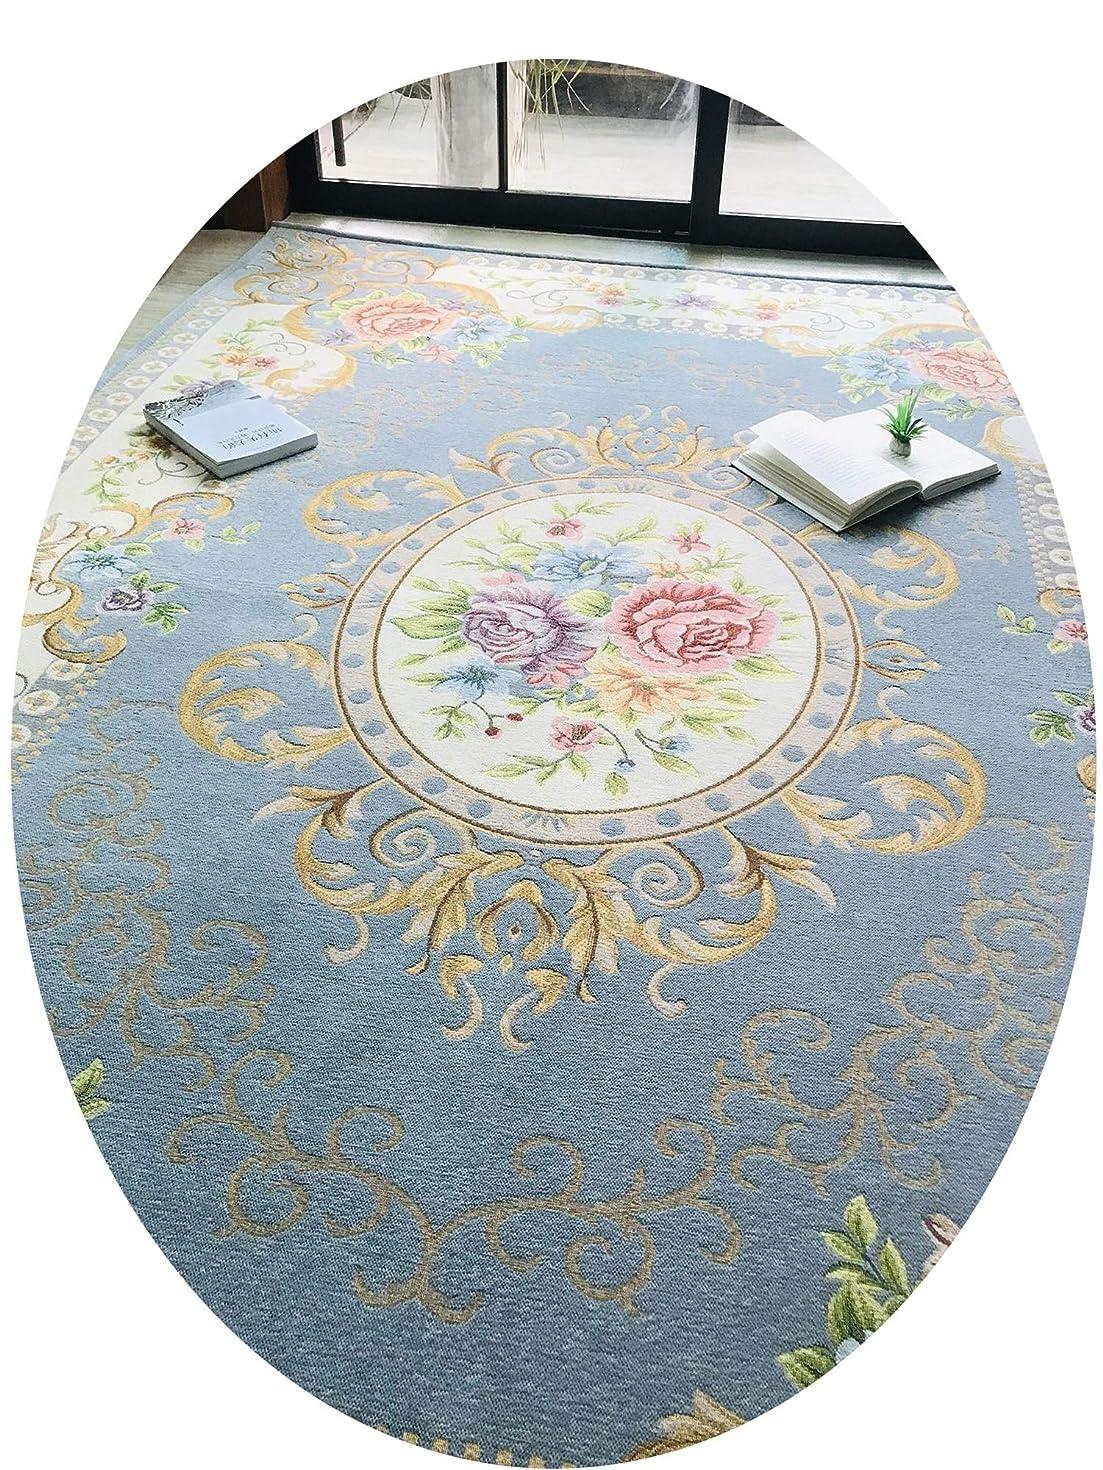 骨の折れる濃度指定するカーペットのバスルームのリビングルームのカーペットフロアマットドアマットホームマット形ポーチ,水色,50*150